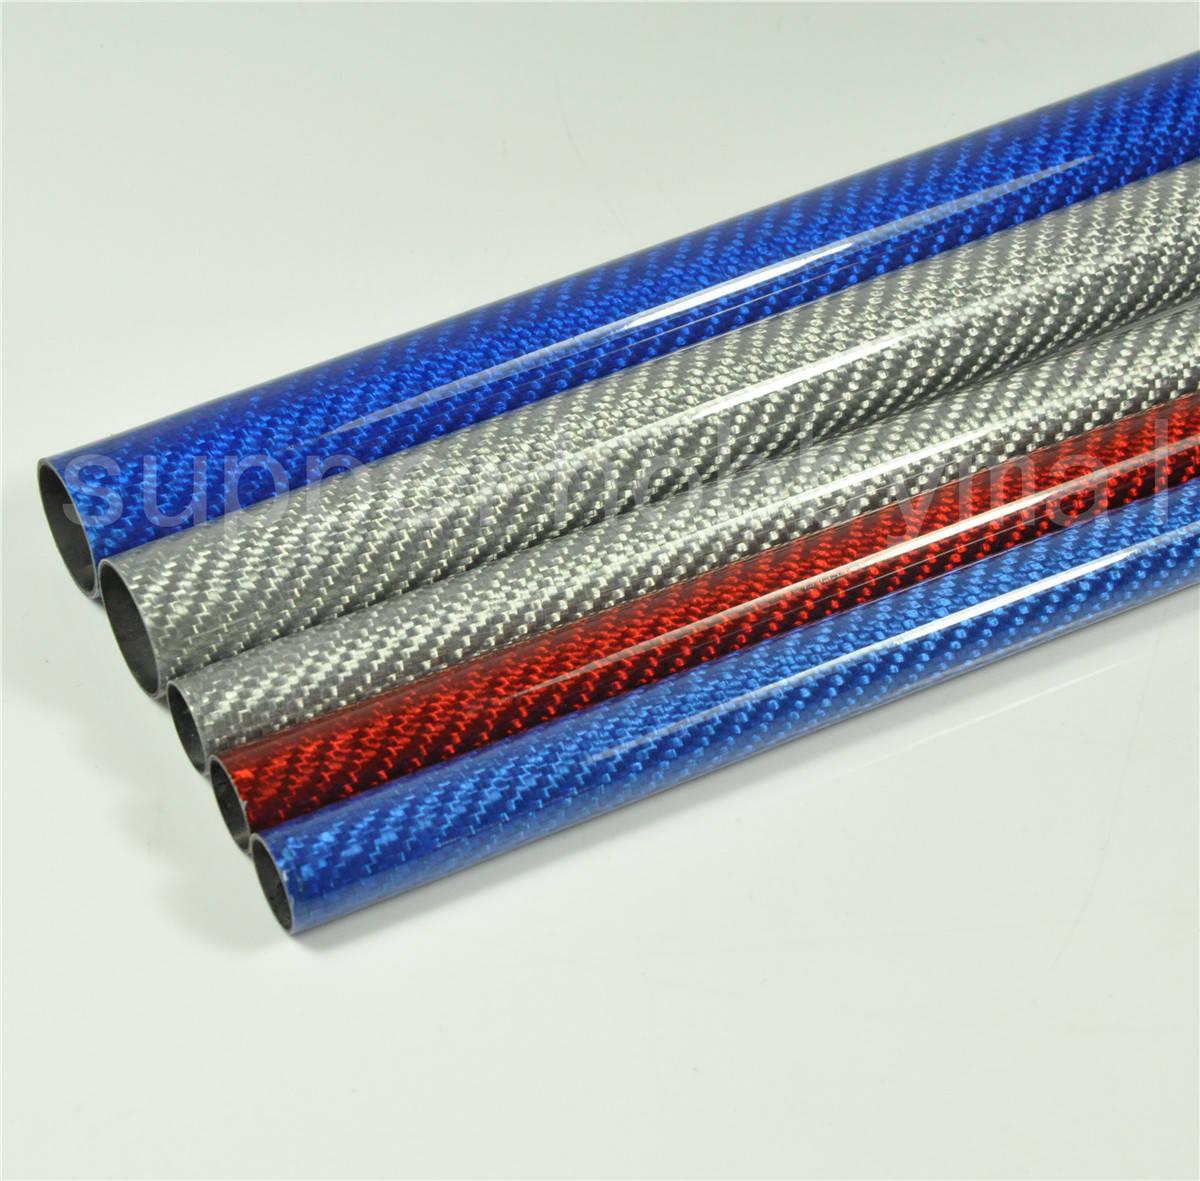 4 Pcs 16181000mm rollo rollo rollo de tubo de fibra de carbono 3K brillante Tubos Colors múltiples  caliente